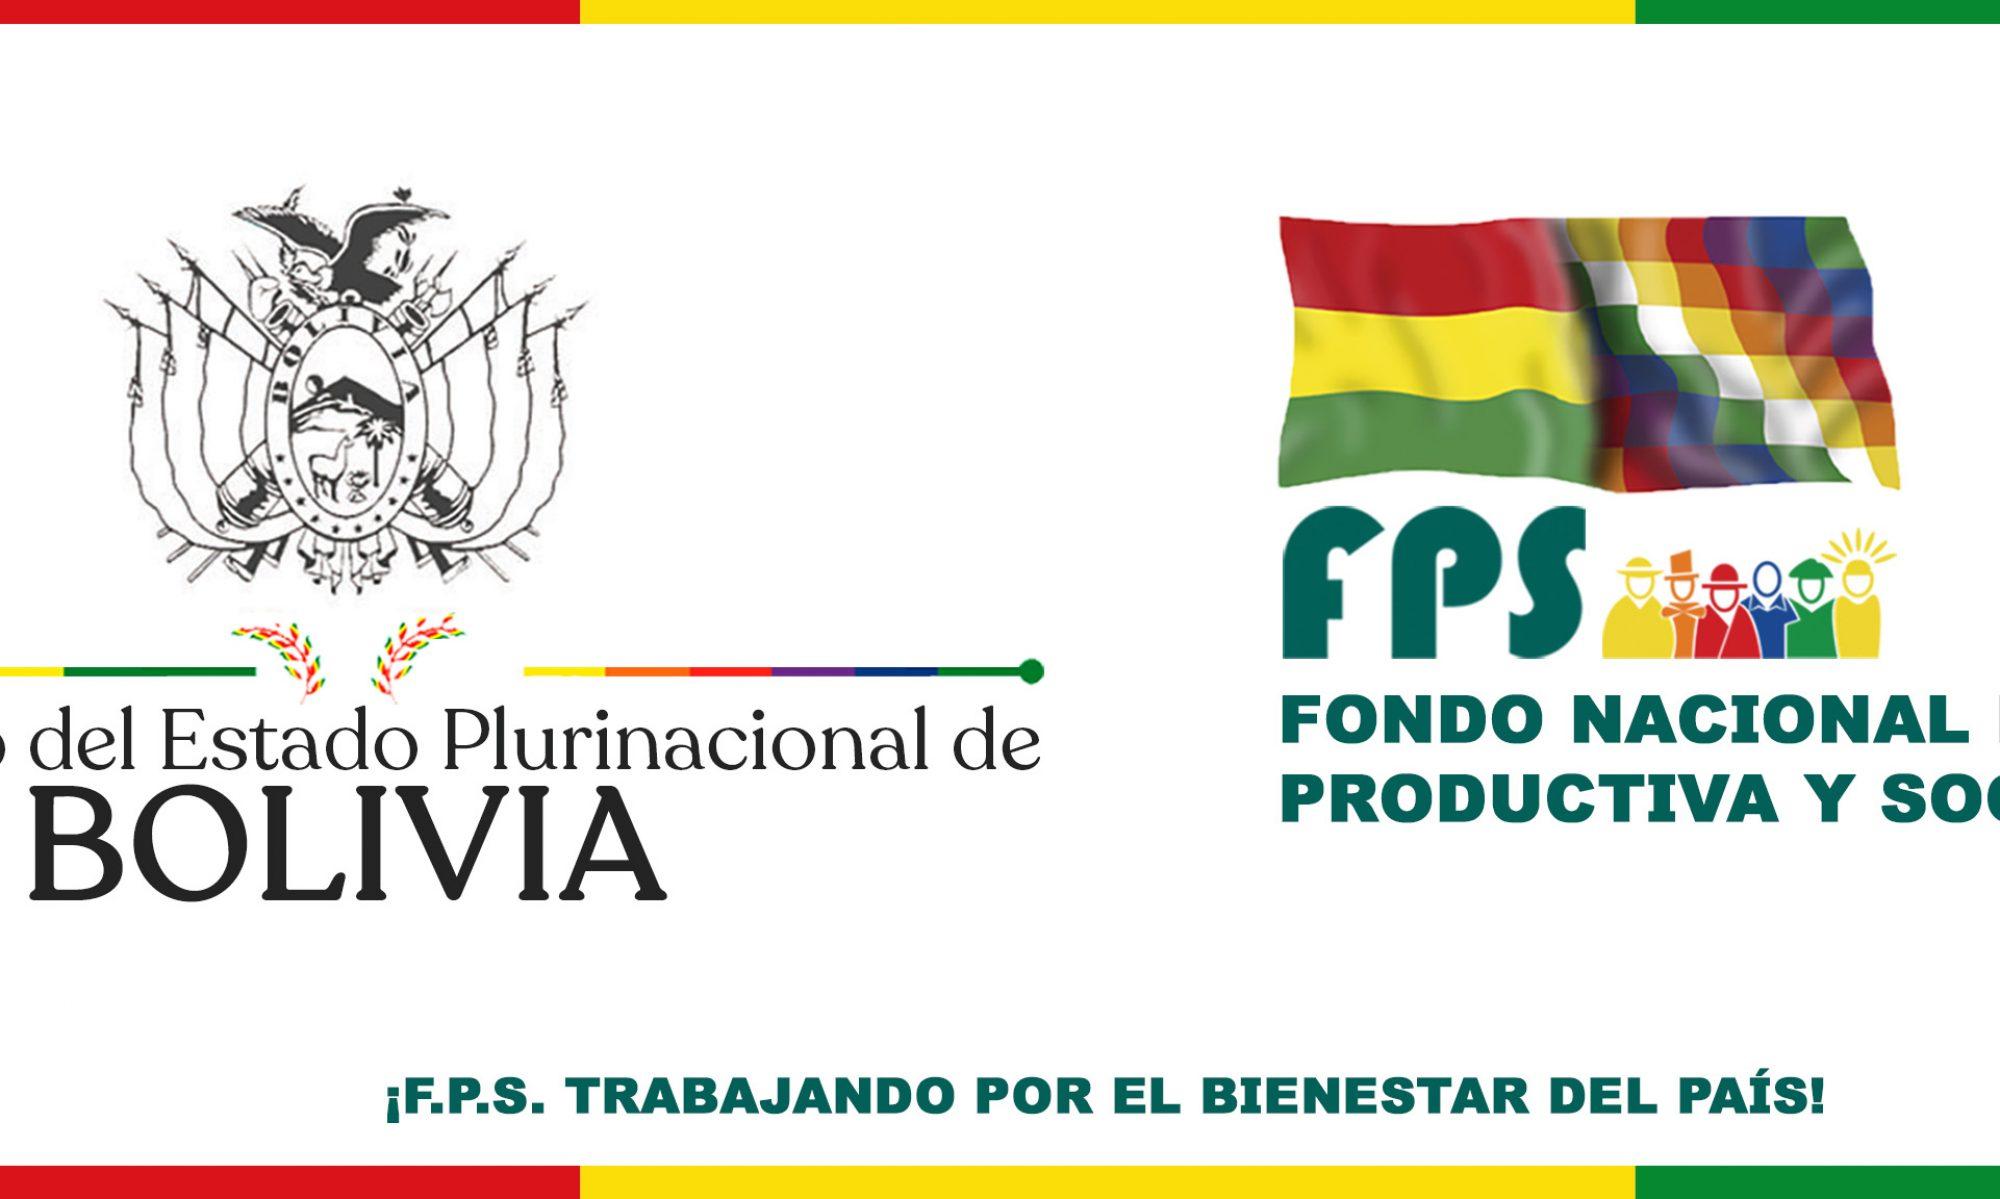 F.P.S.